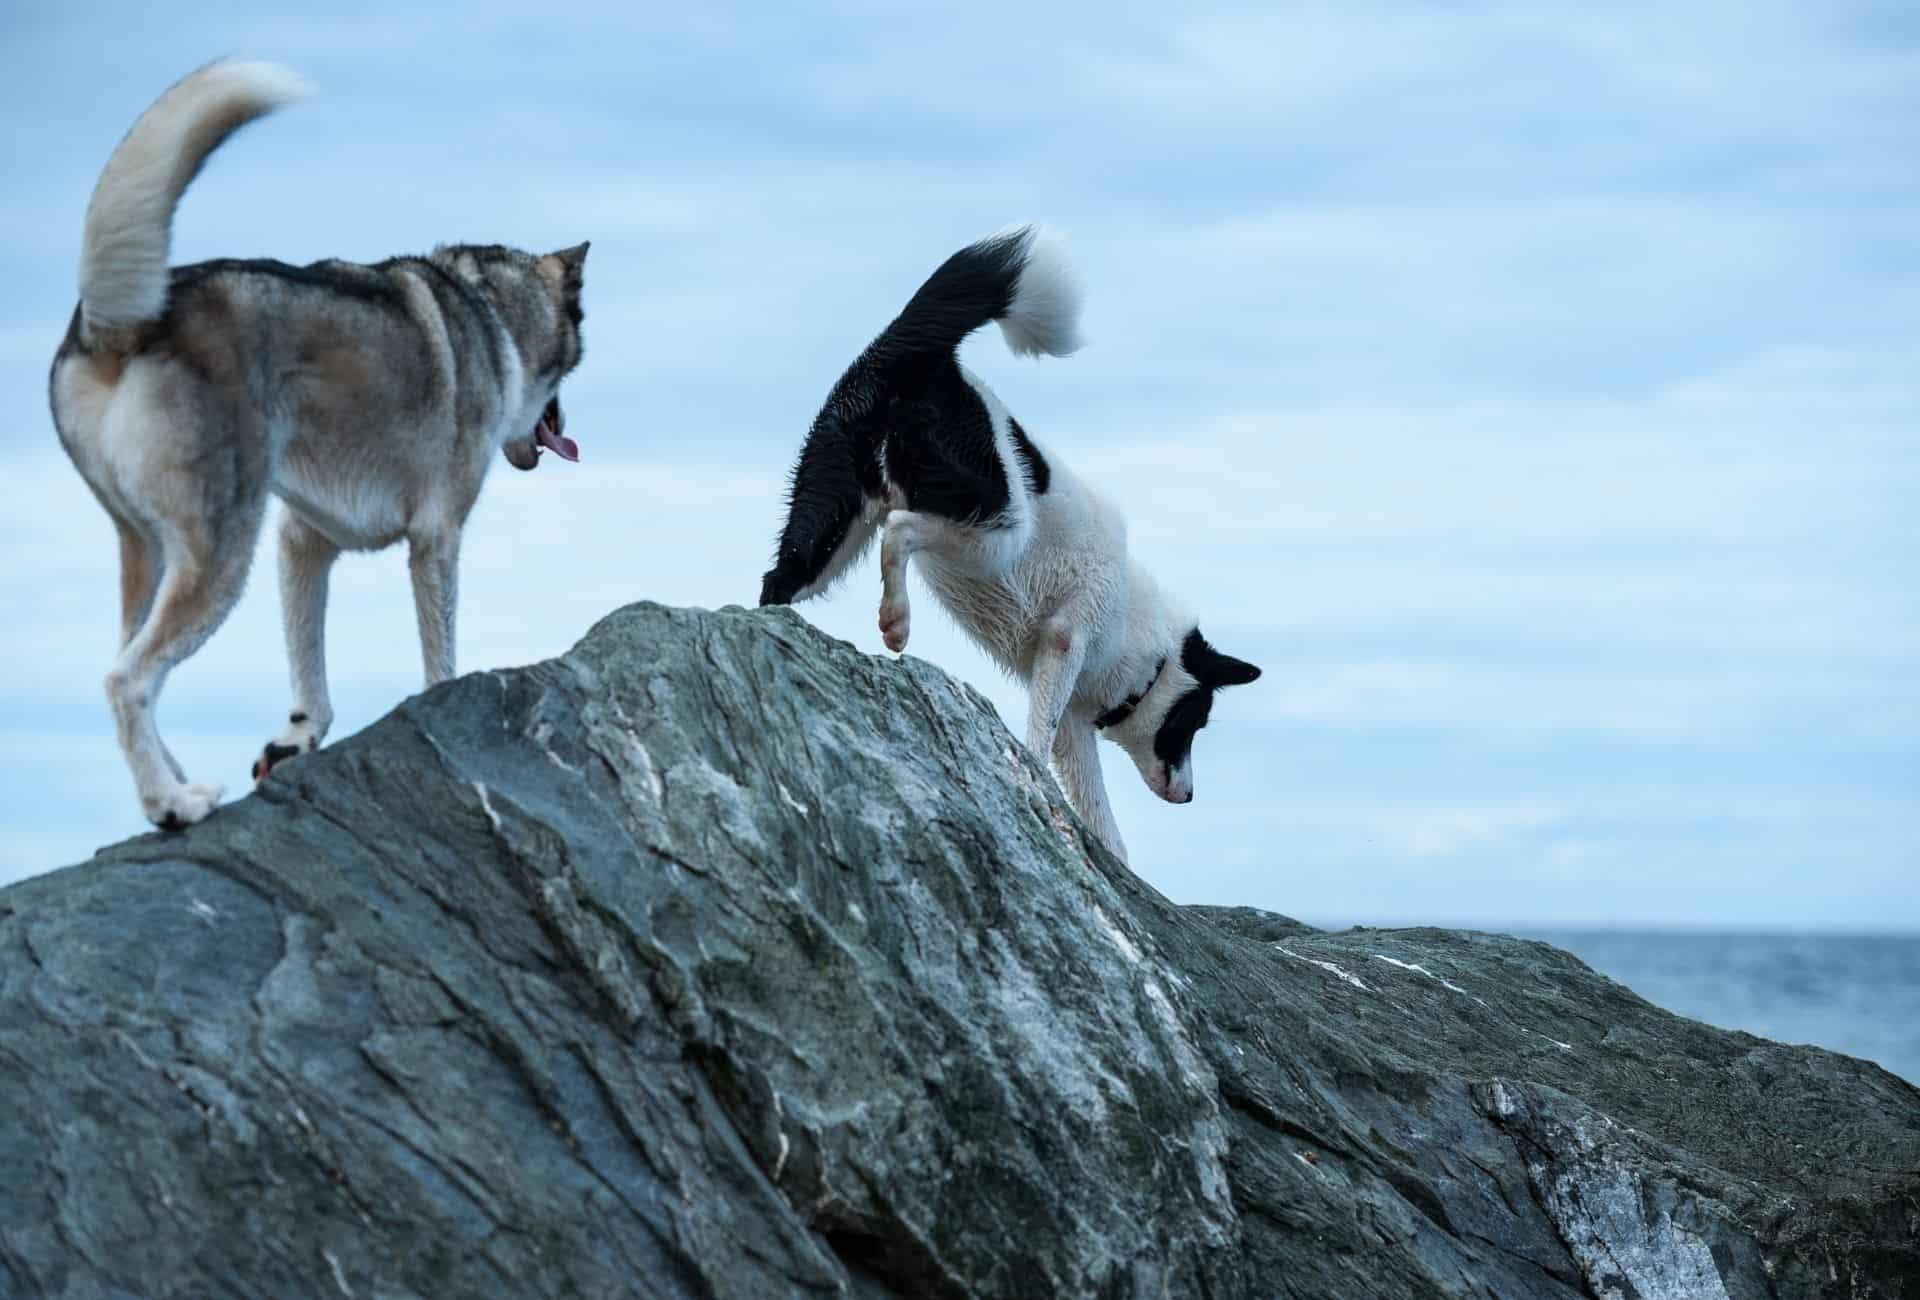 Tener un perro intrépido puede ser excelente al planificar aventuras con una variedad de superficies, sonidos y vistas.